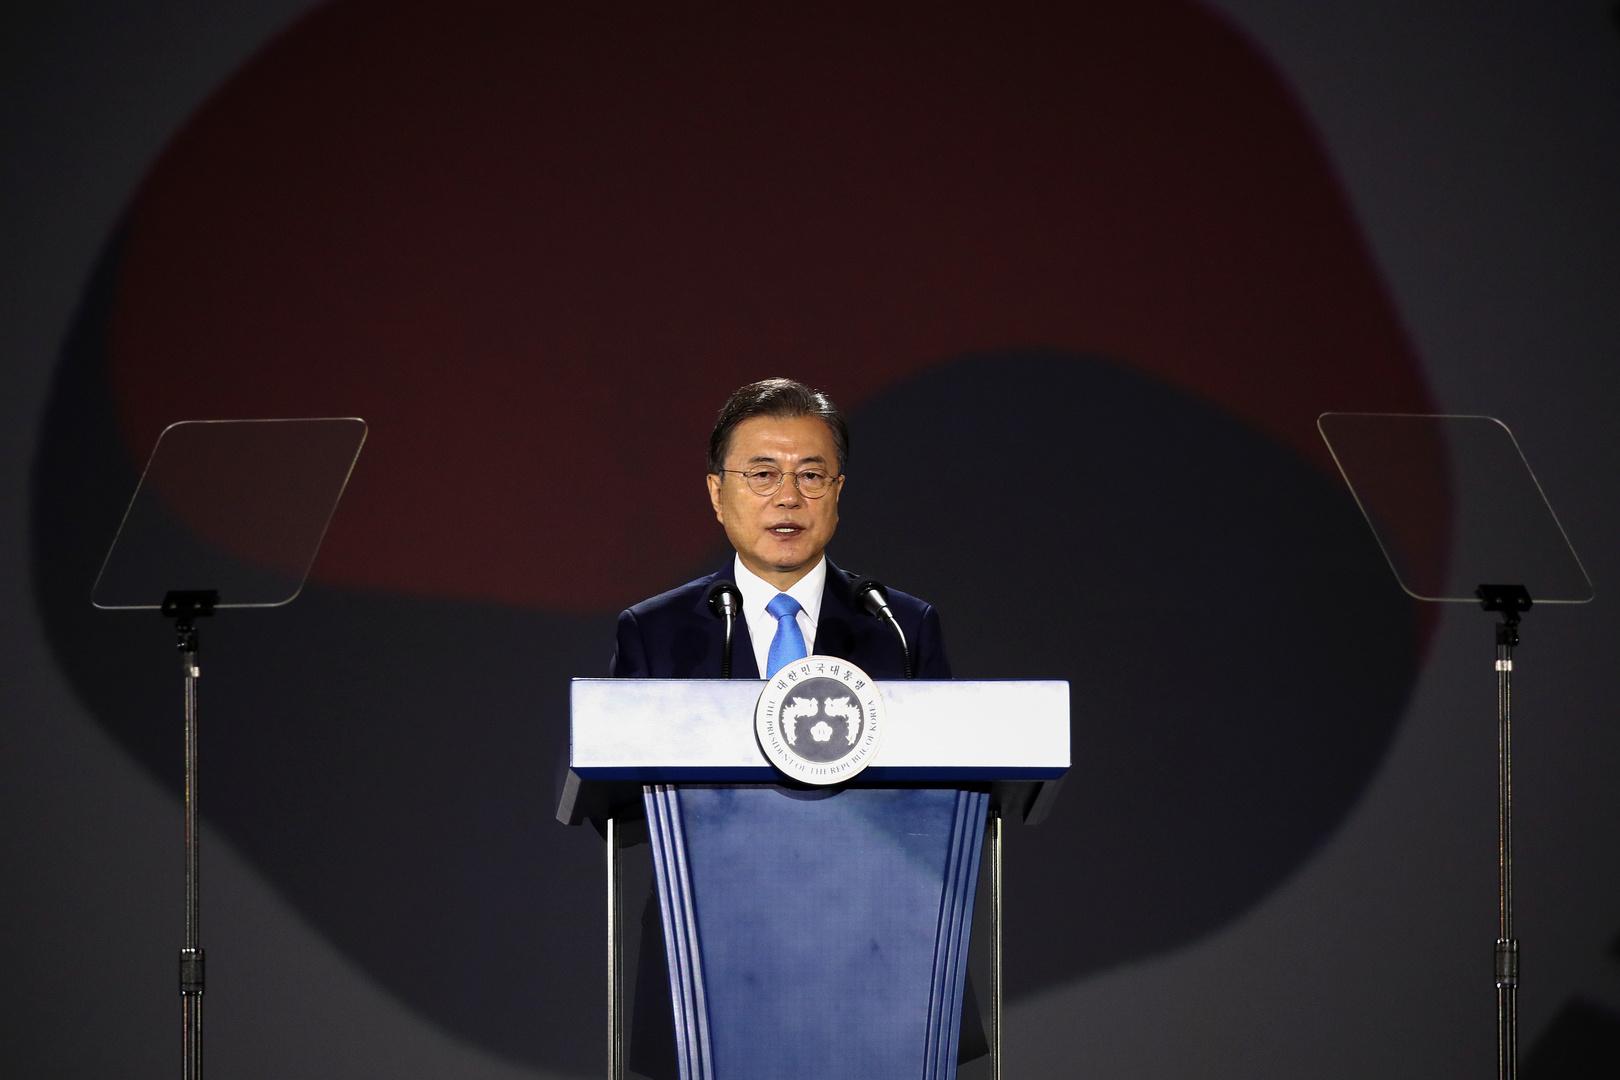 رئيس كوريا الجنوبية يقترح مبادرة لمكافحة كورونا تشمل كوريا الشمالية